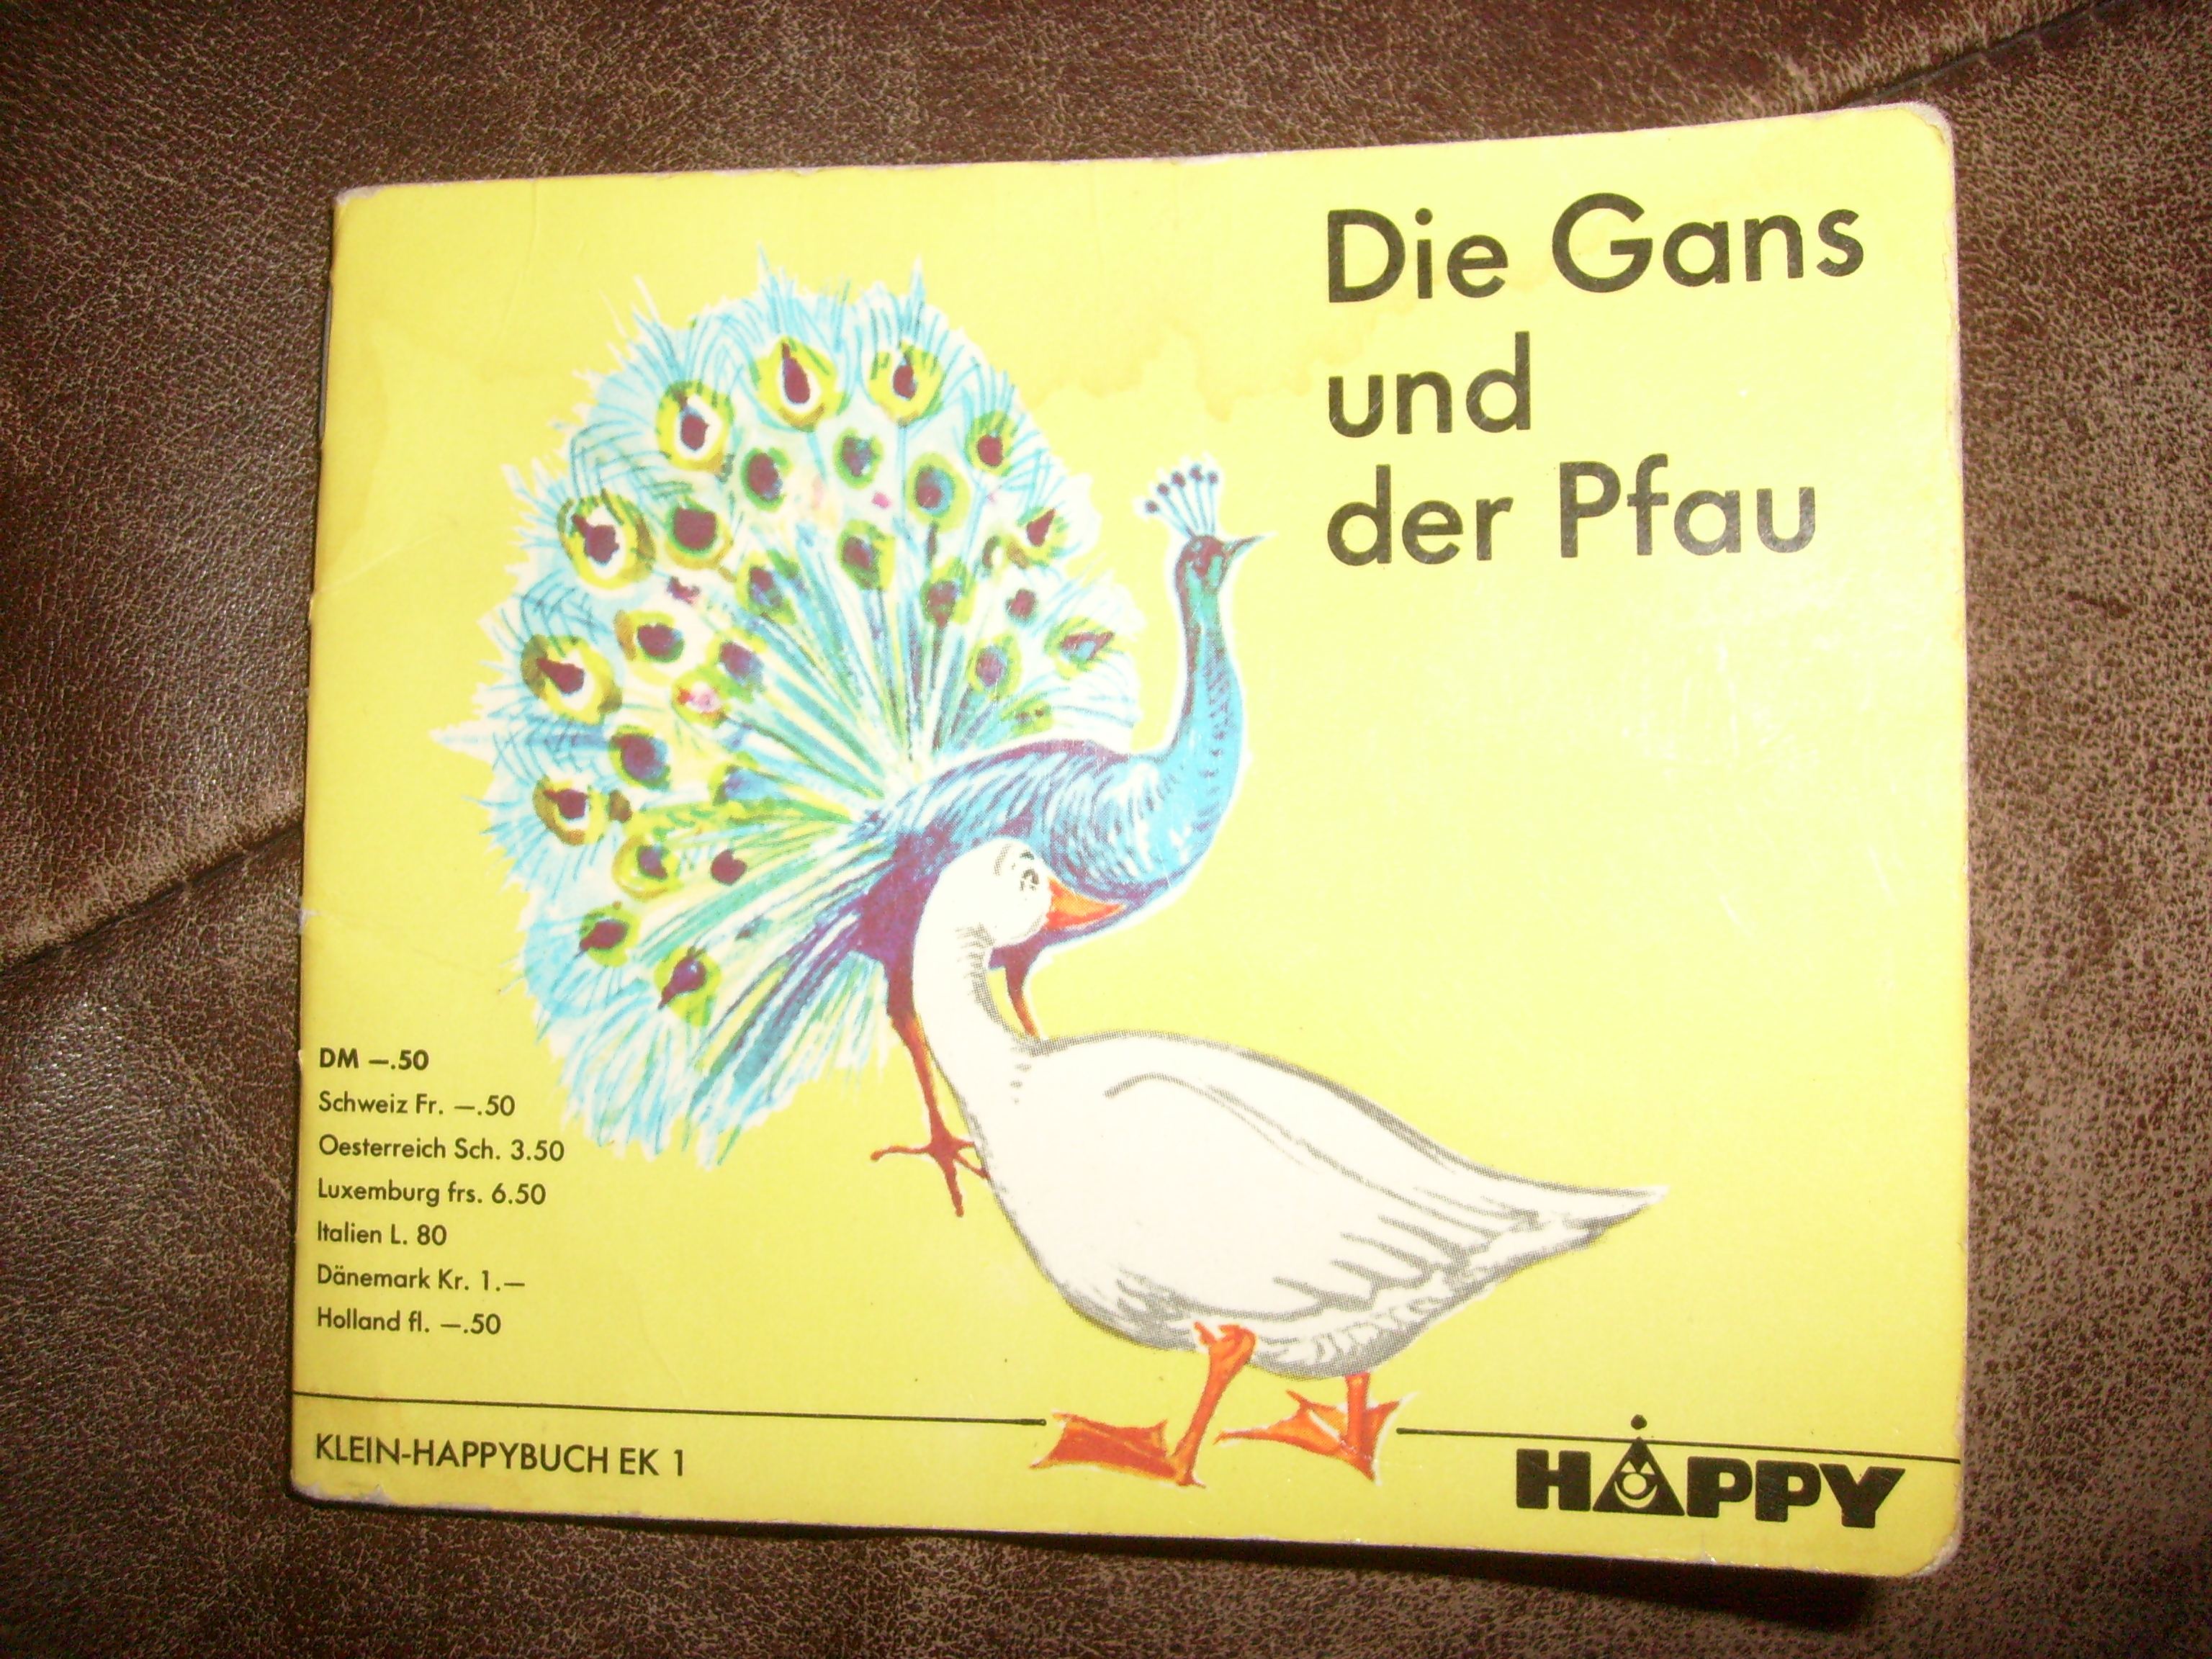 Bildtext: Klein-Happybuch: Die Gans und der Pfau von